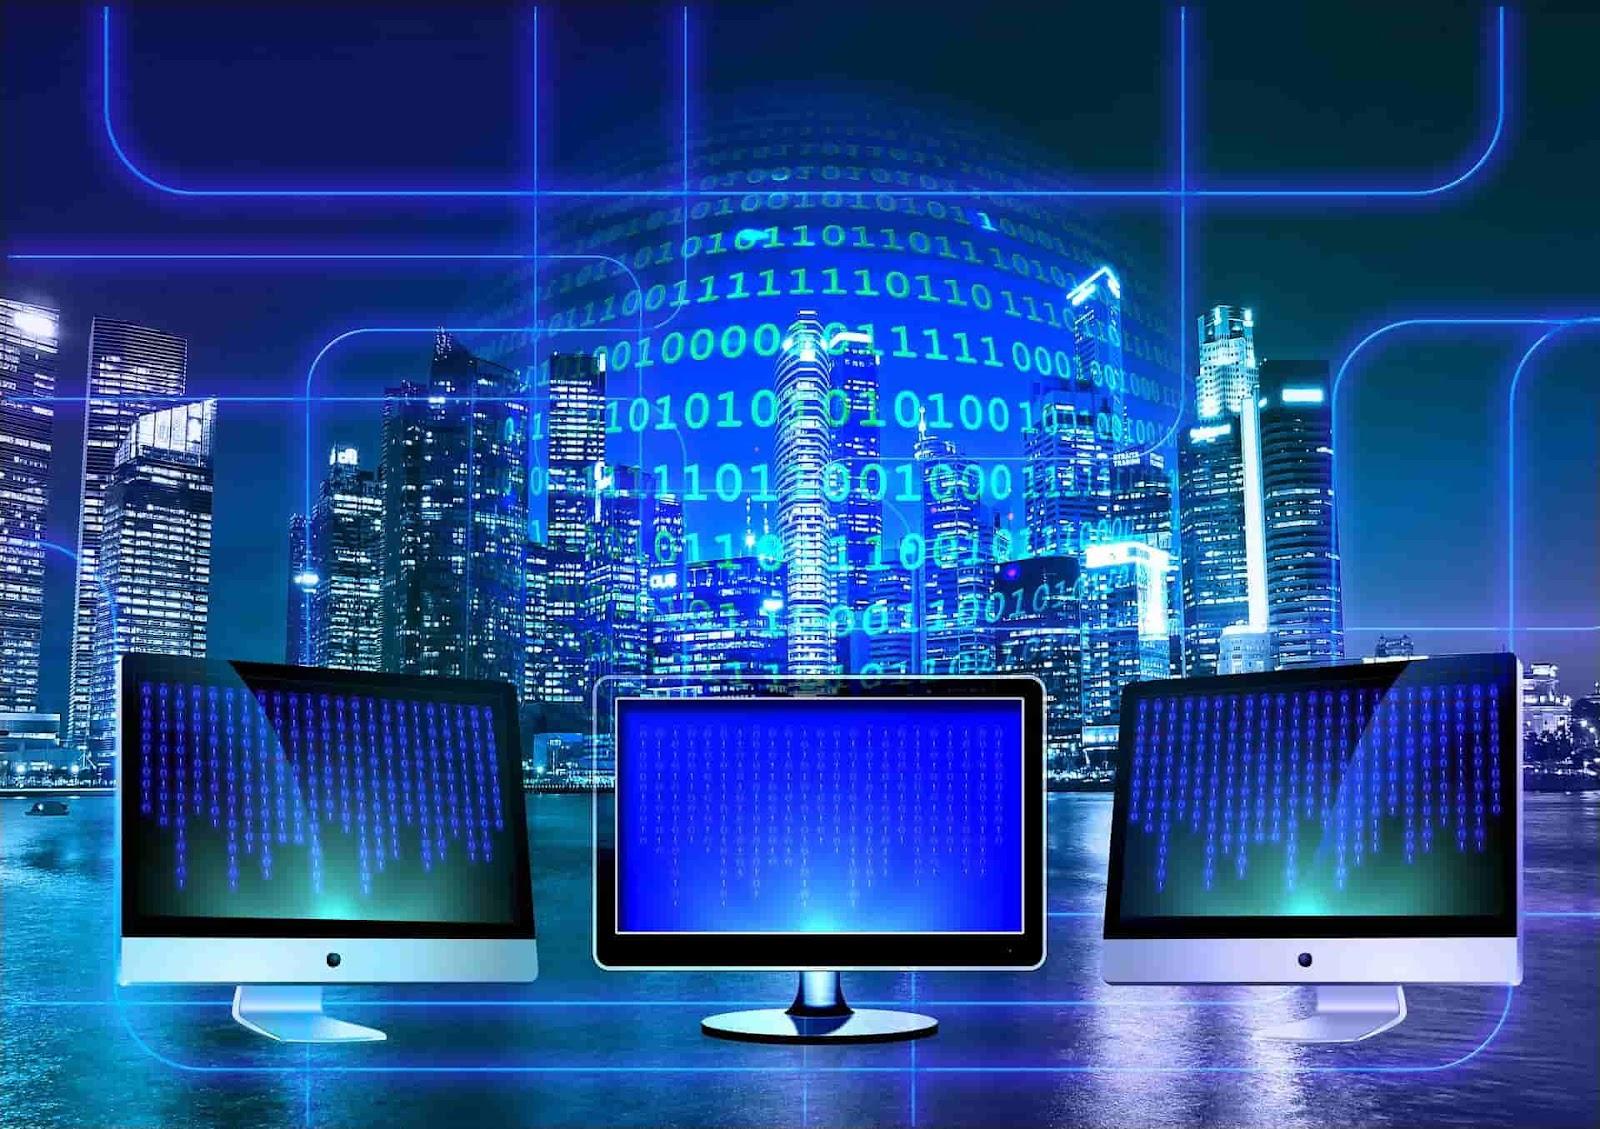 अगर इंटरनेट ढह गई/बंद हो गयी तो क्या होगा? | What Would Happen if the Internet Collapsed?